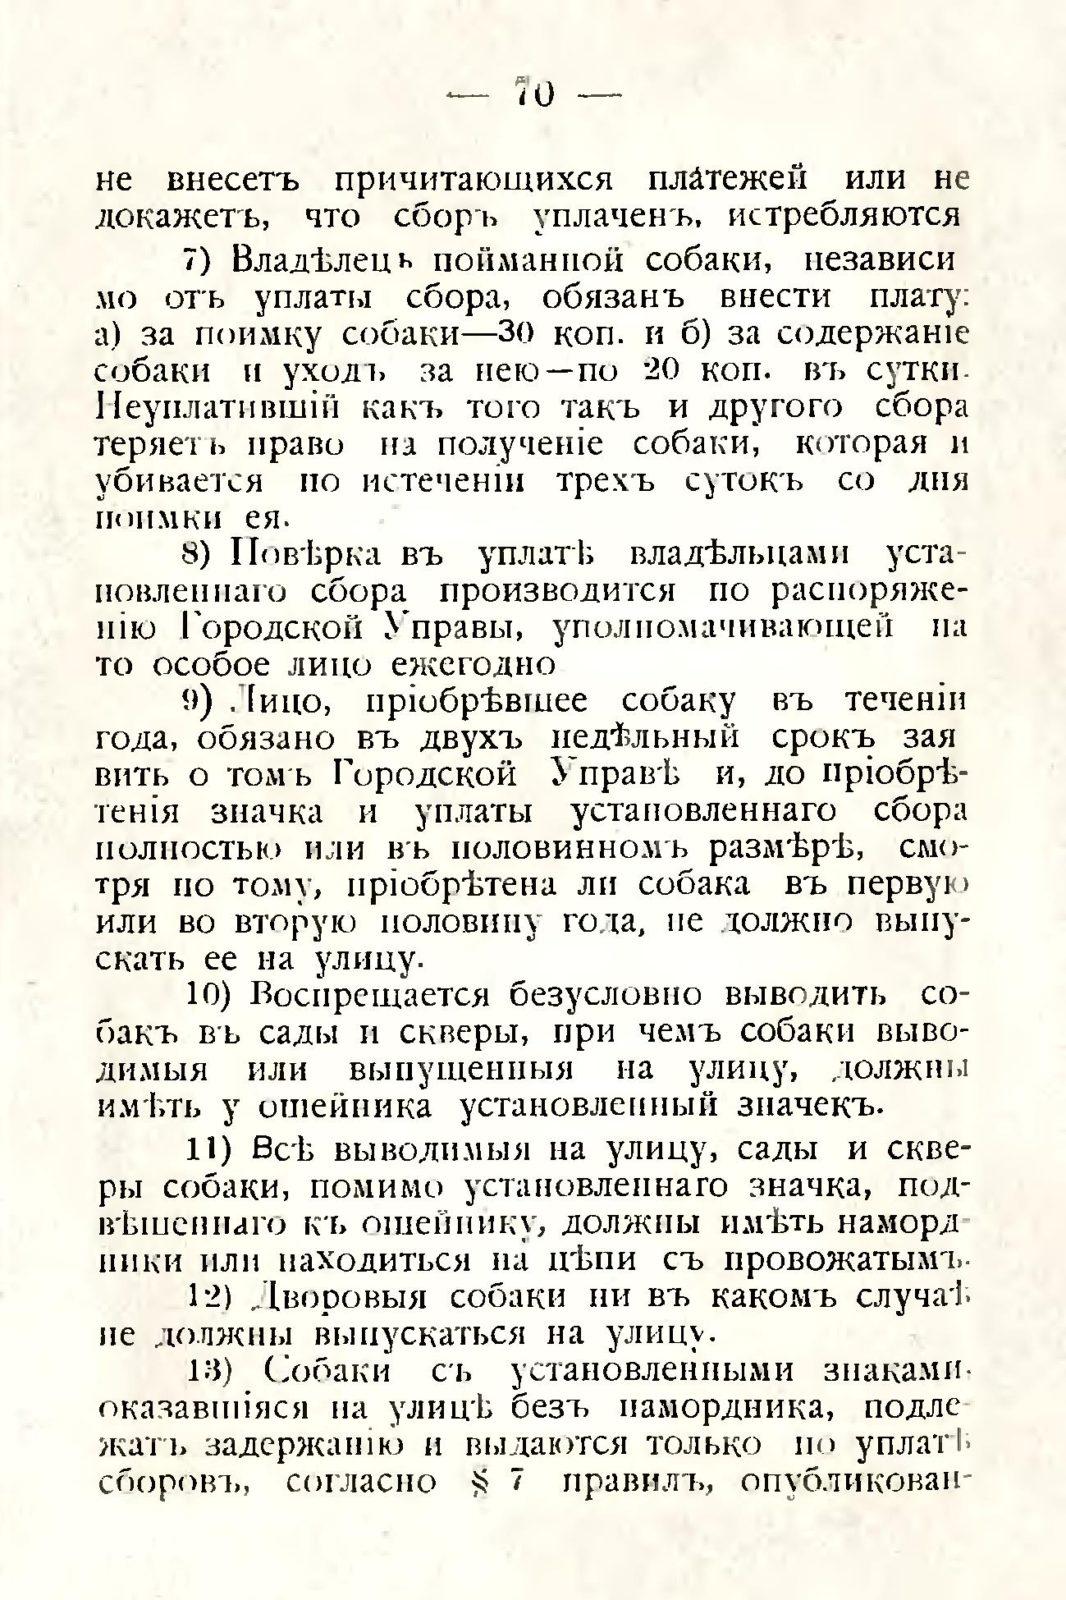 sbornik_obyazatelnyh_postanovlenii_tashkentskoi_gorodskoi_du_74